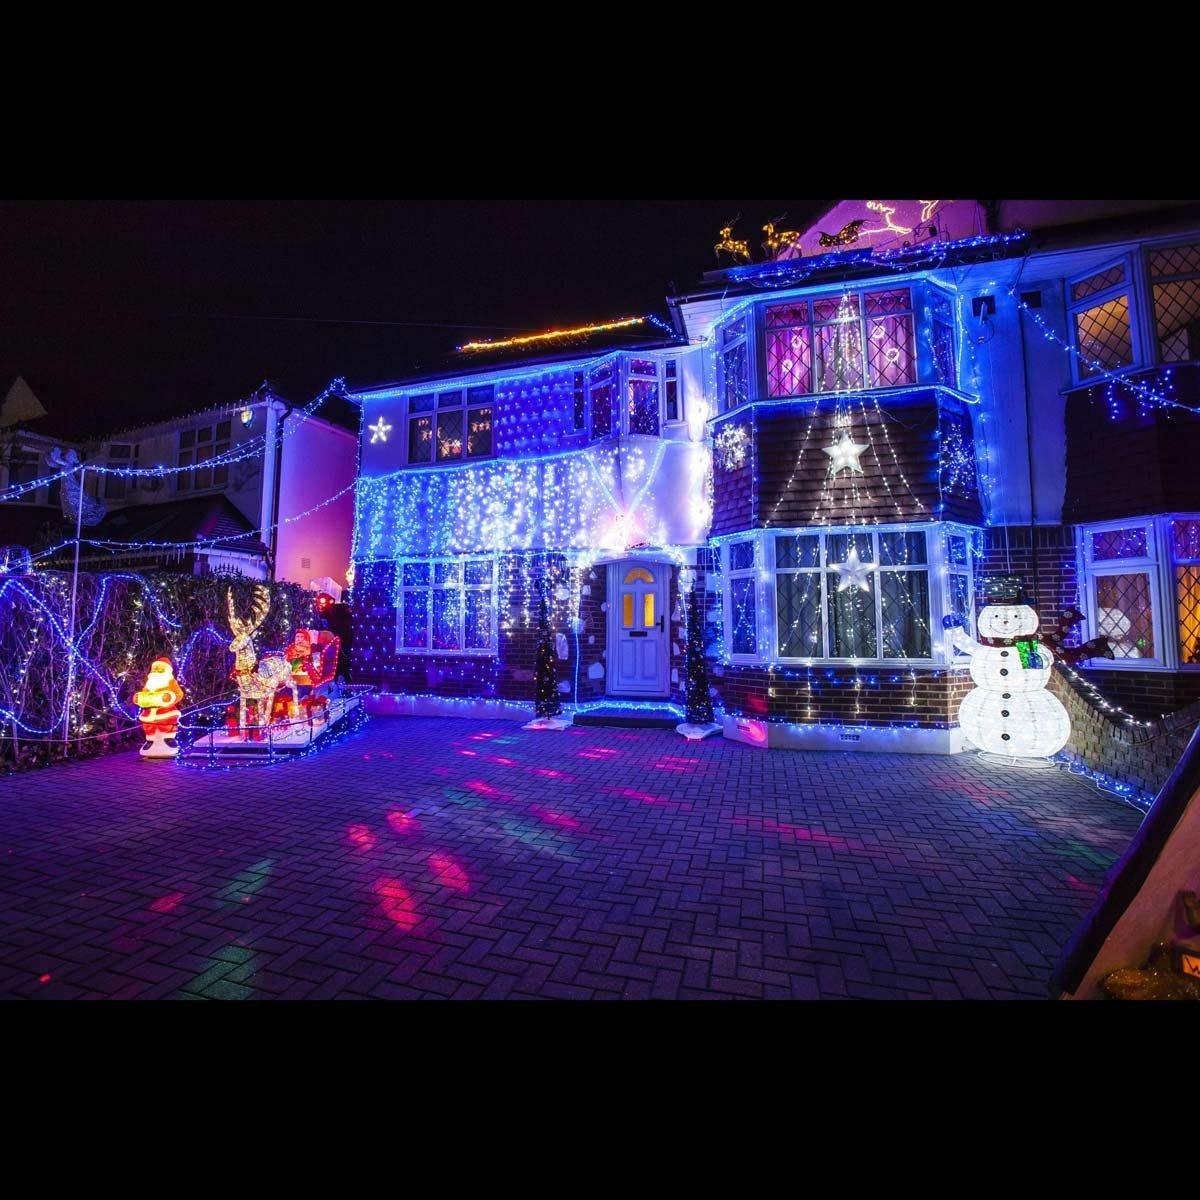 Lower Morden Lane Christmas Lights, London